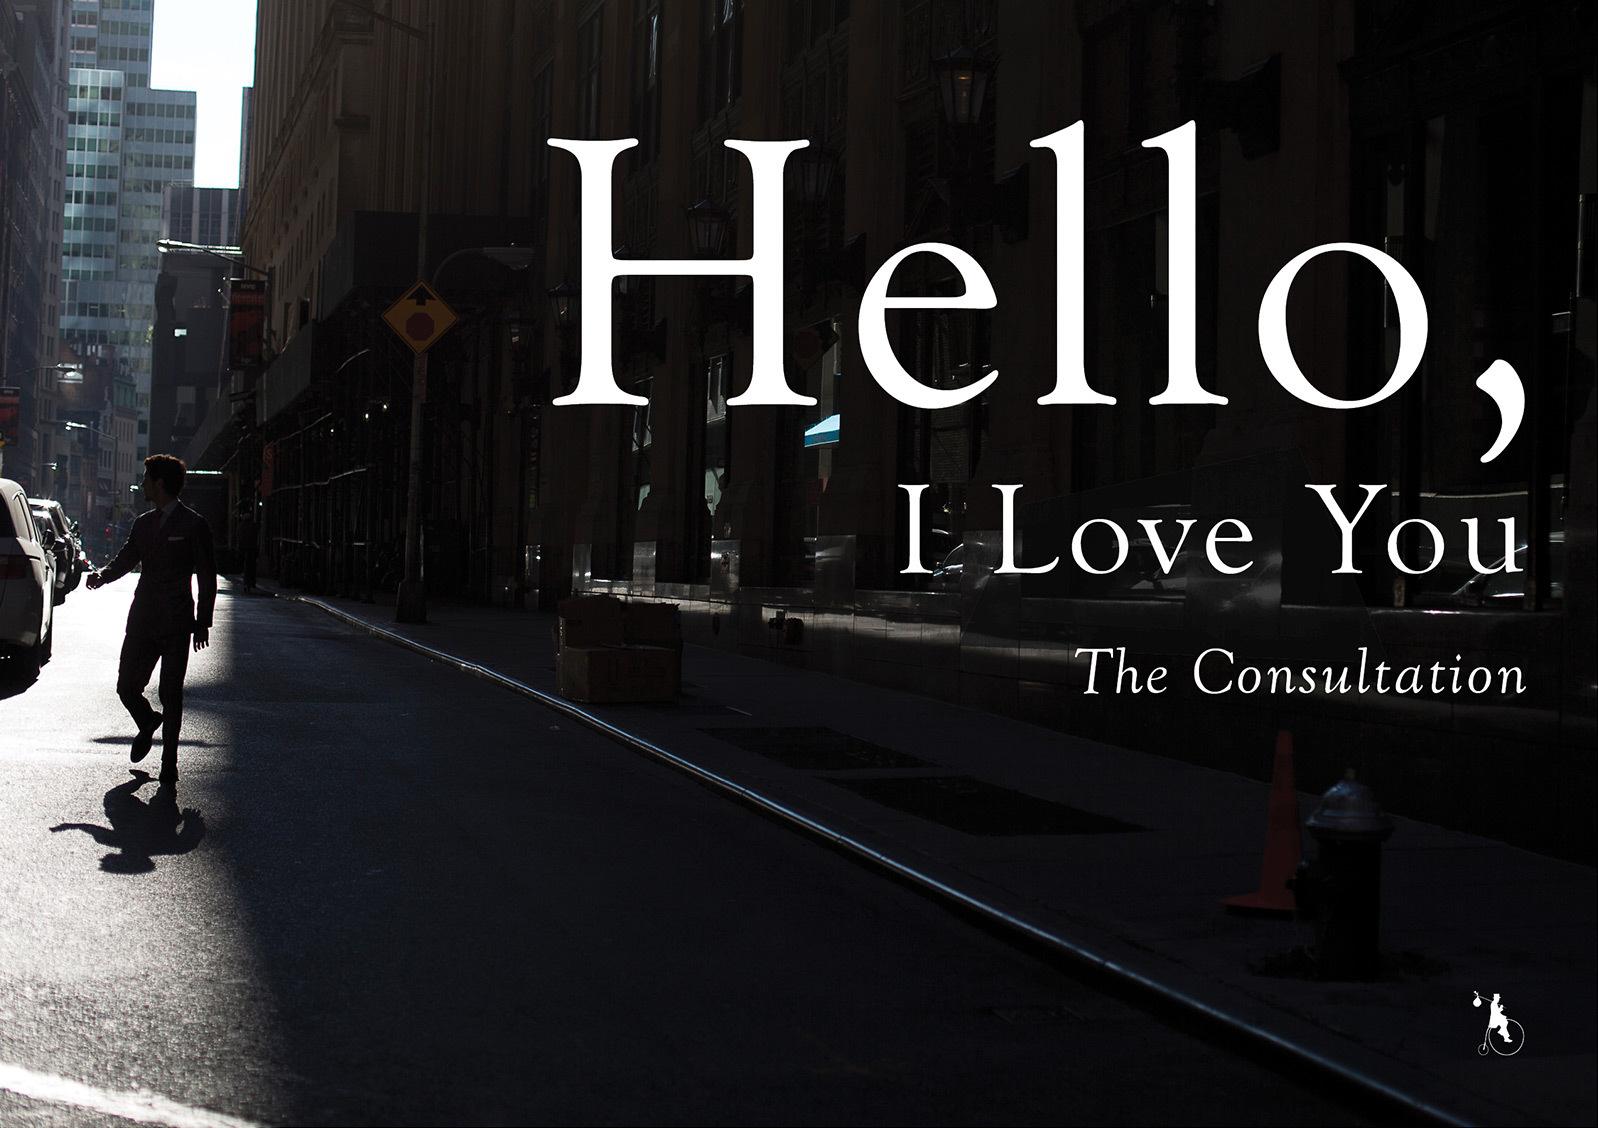 hellologofinal.jpg